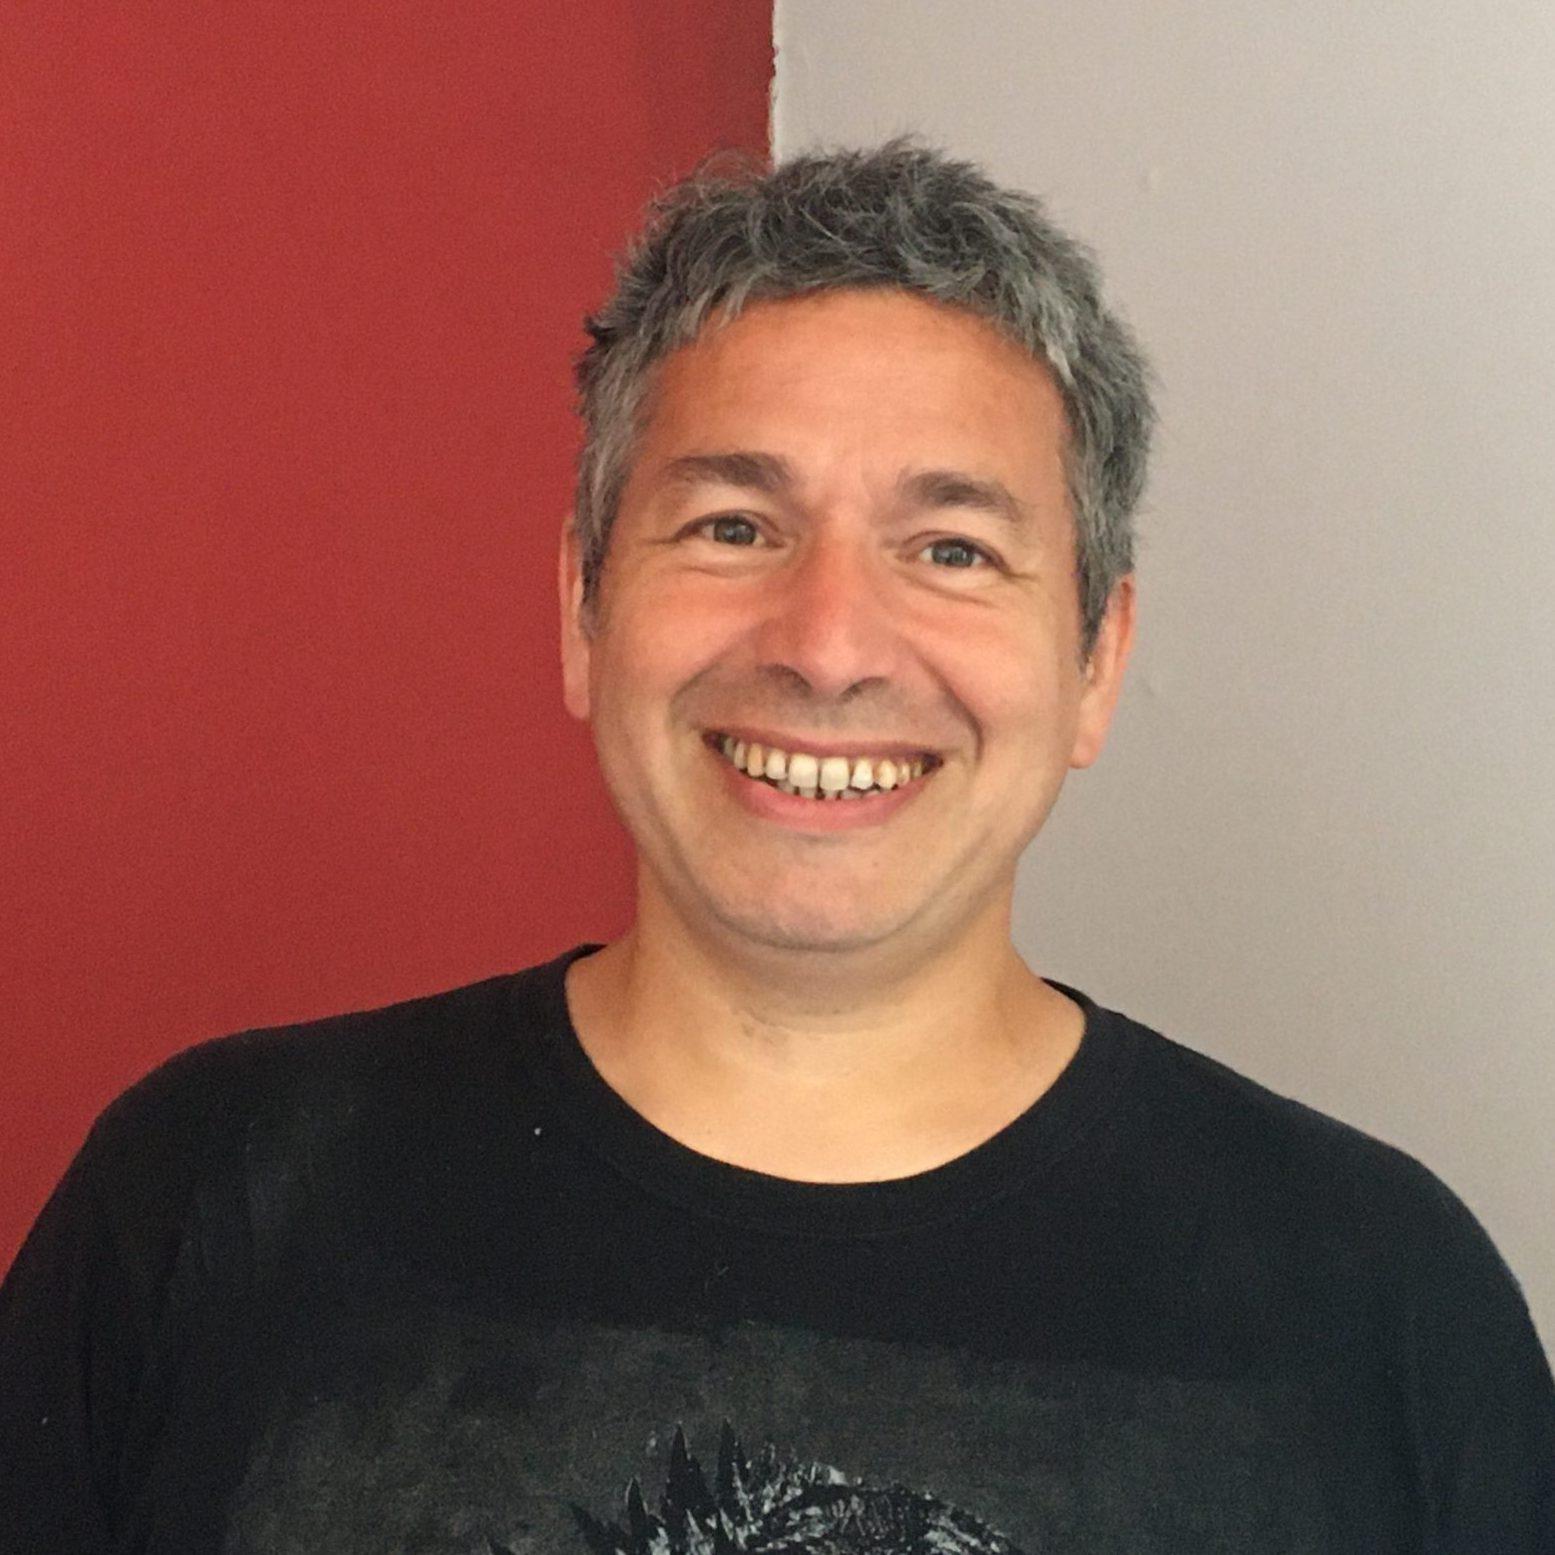 Alistair Zaldua